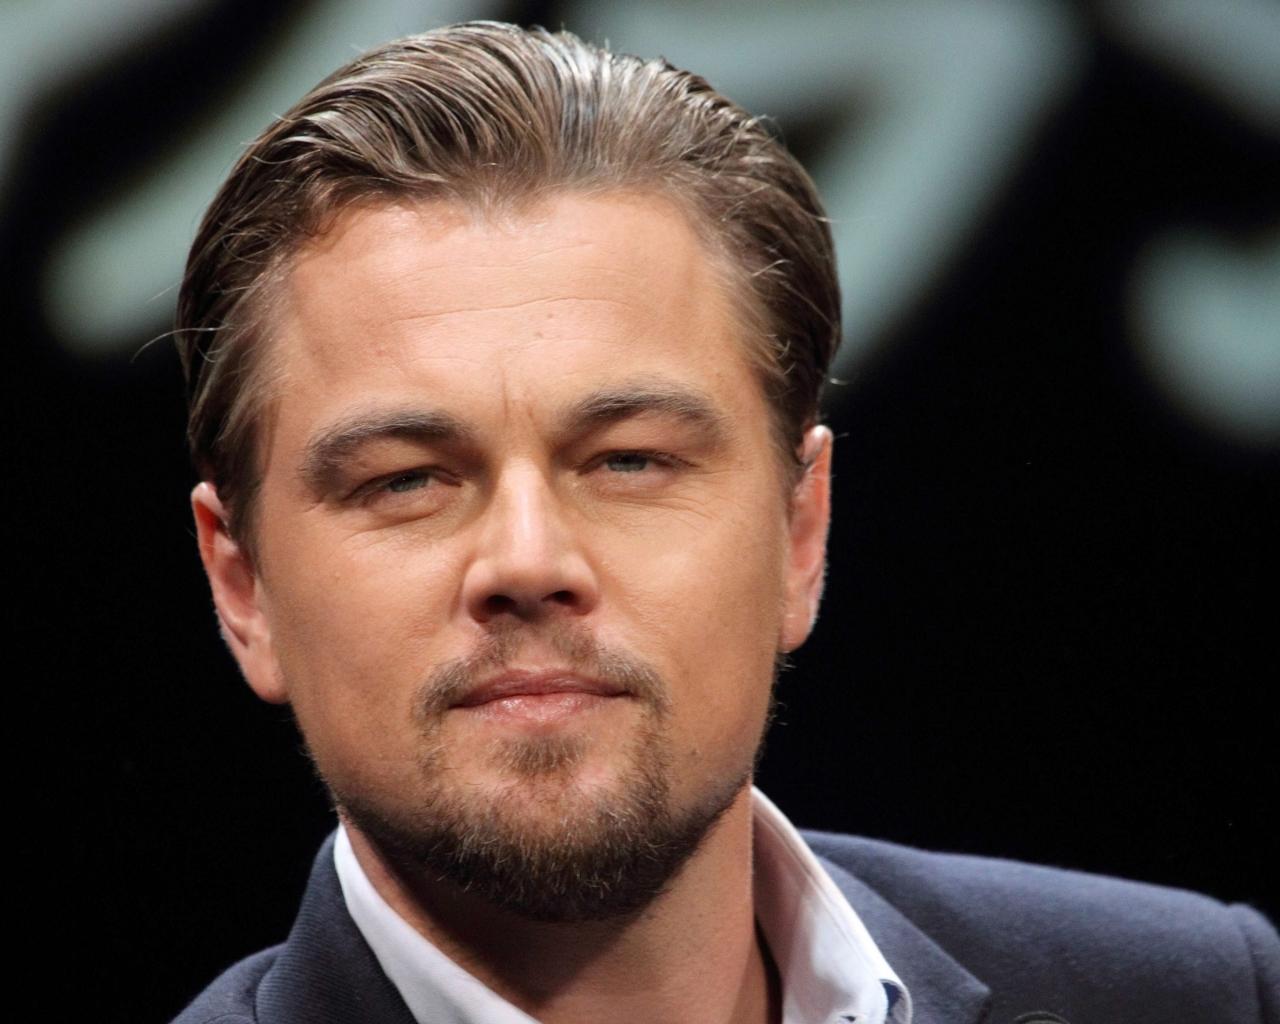 Tom Hardy Joins Leonardo DiCaprio For The Revenant